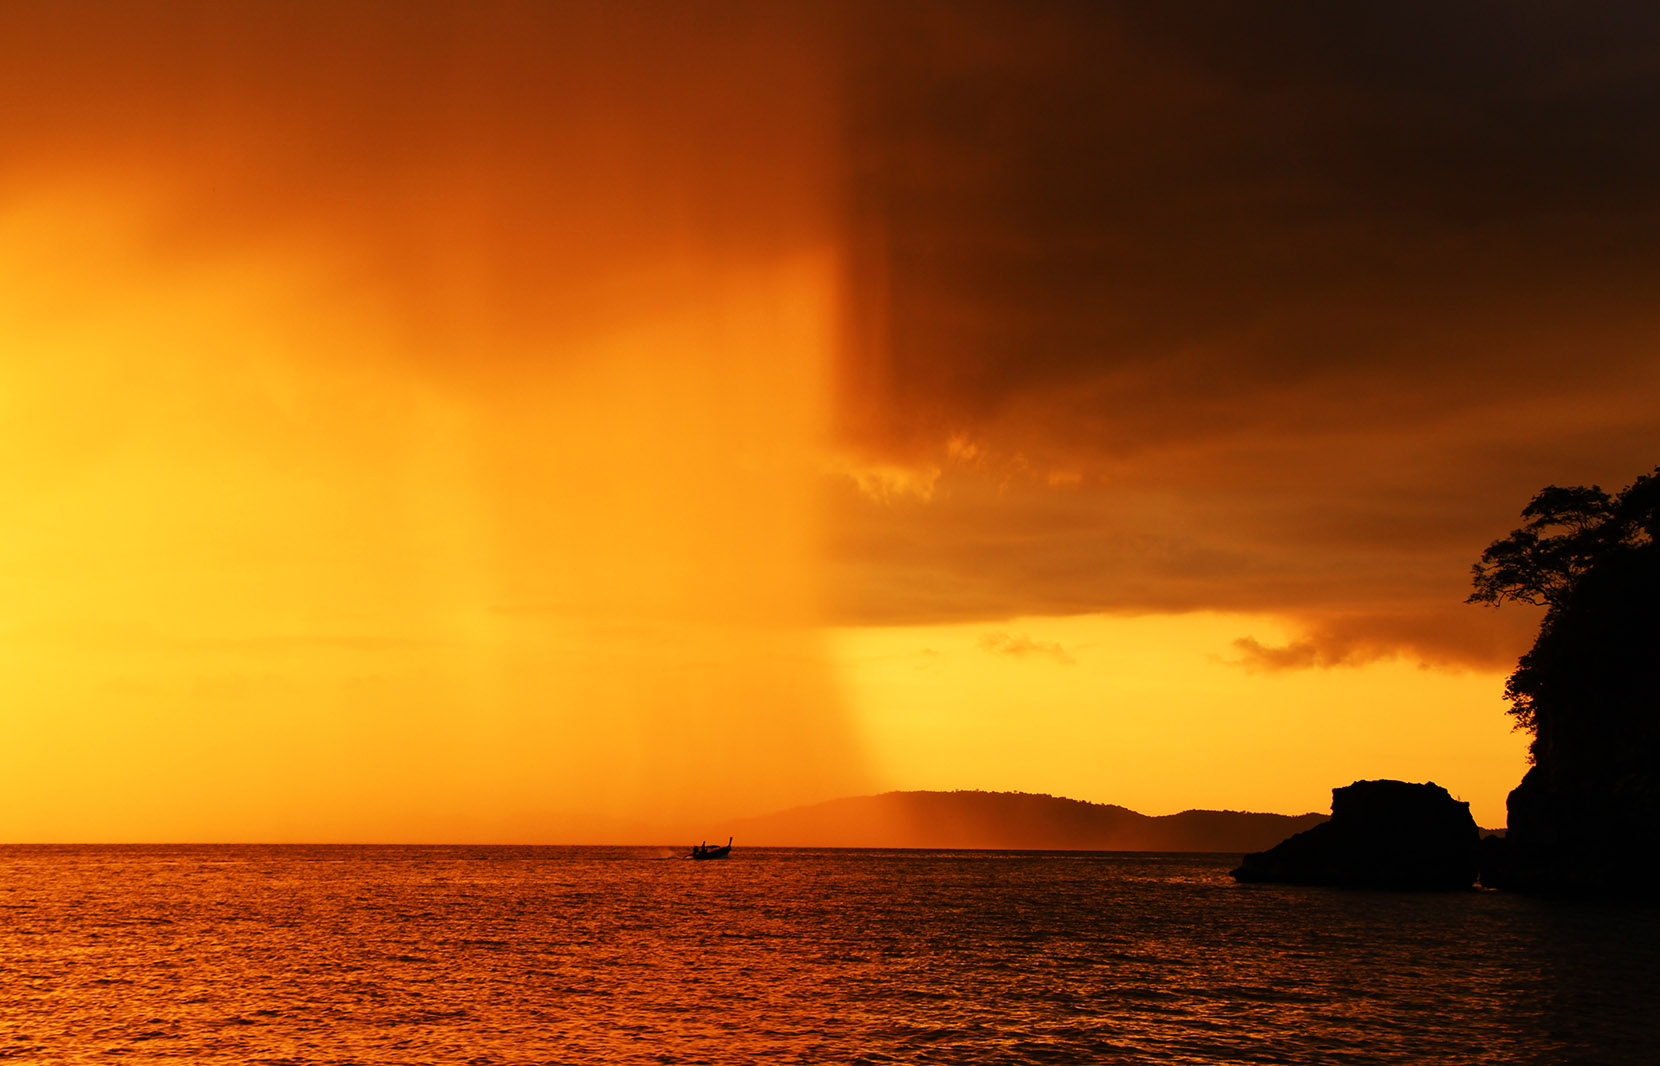 Thailand's Rainy Season: Pros and Cons